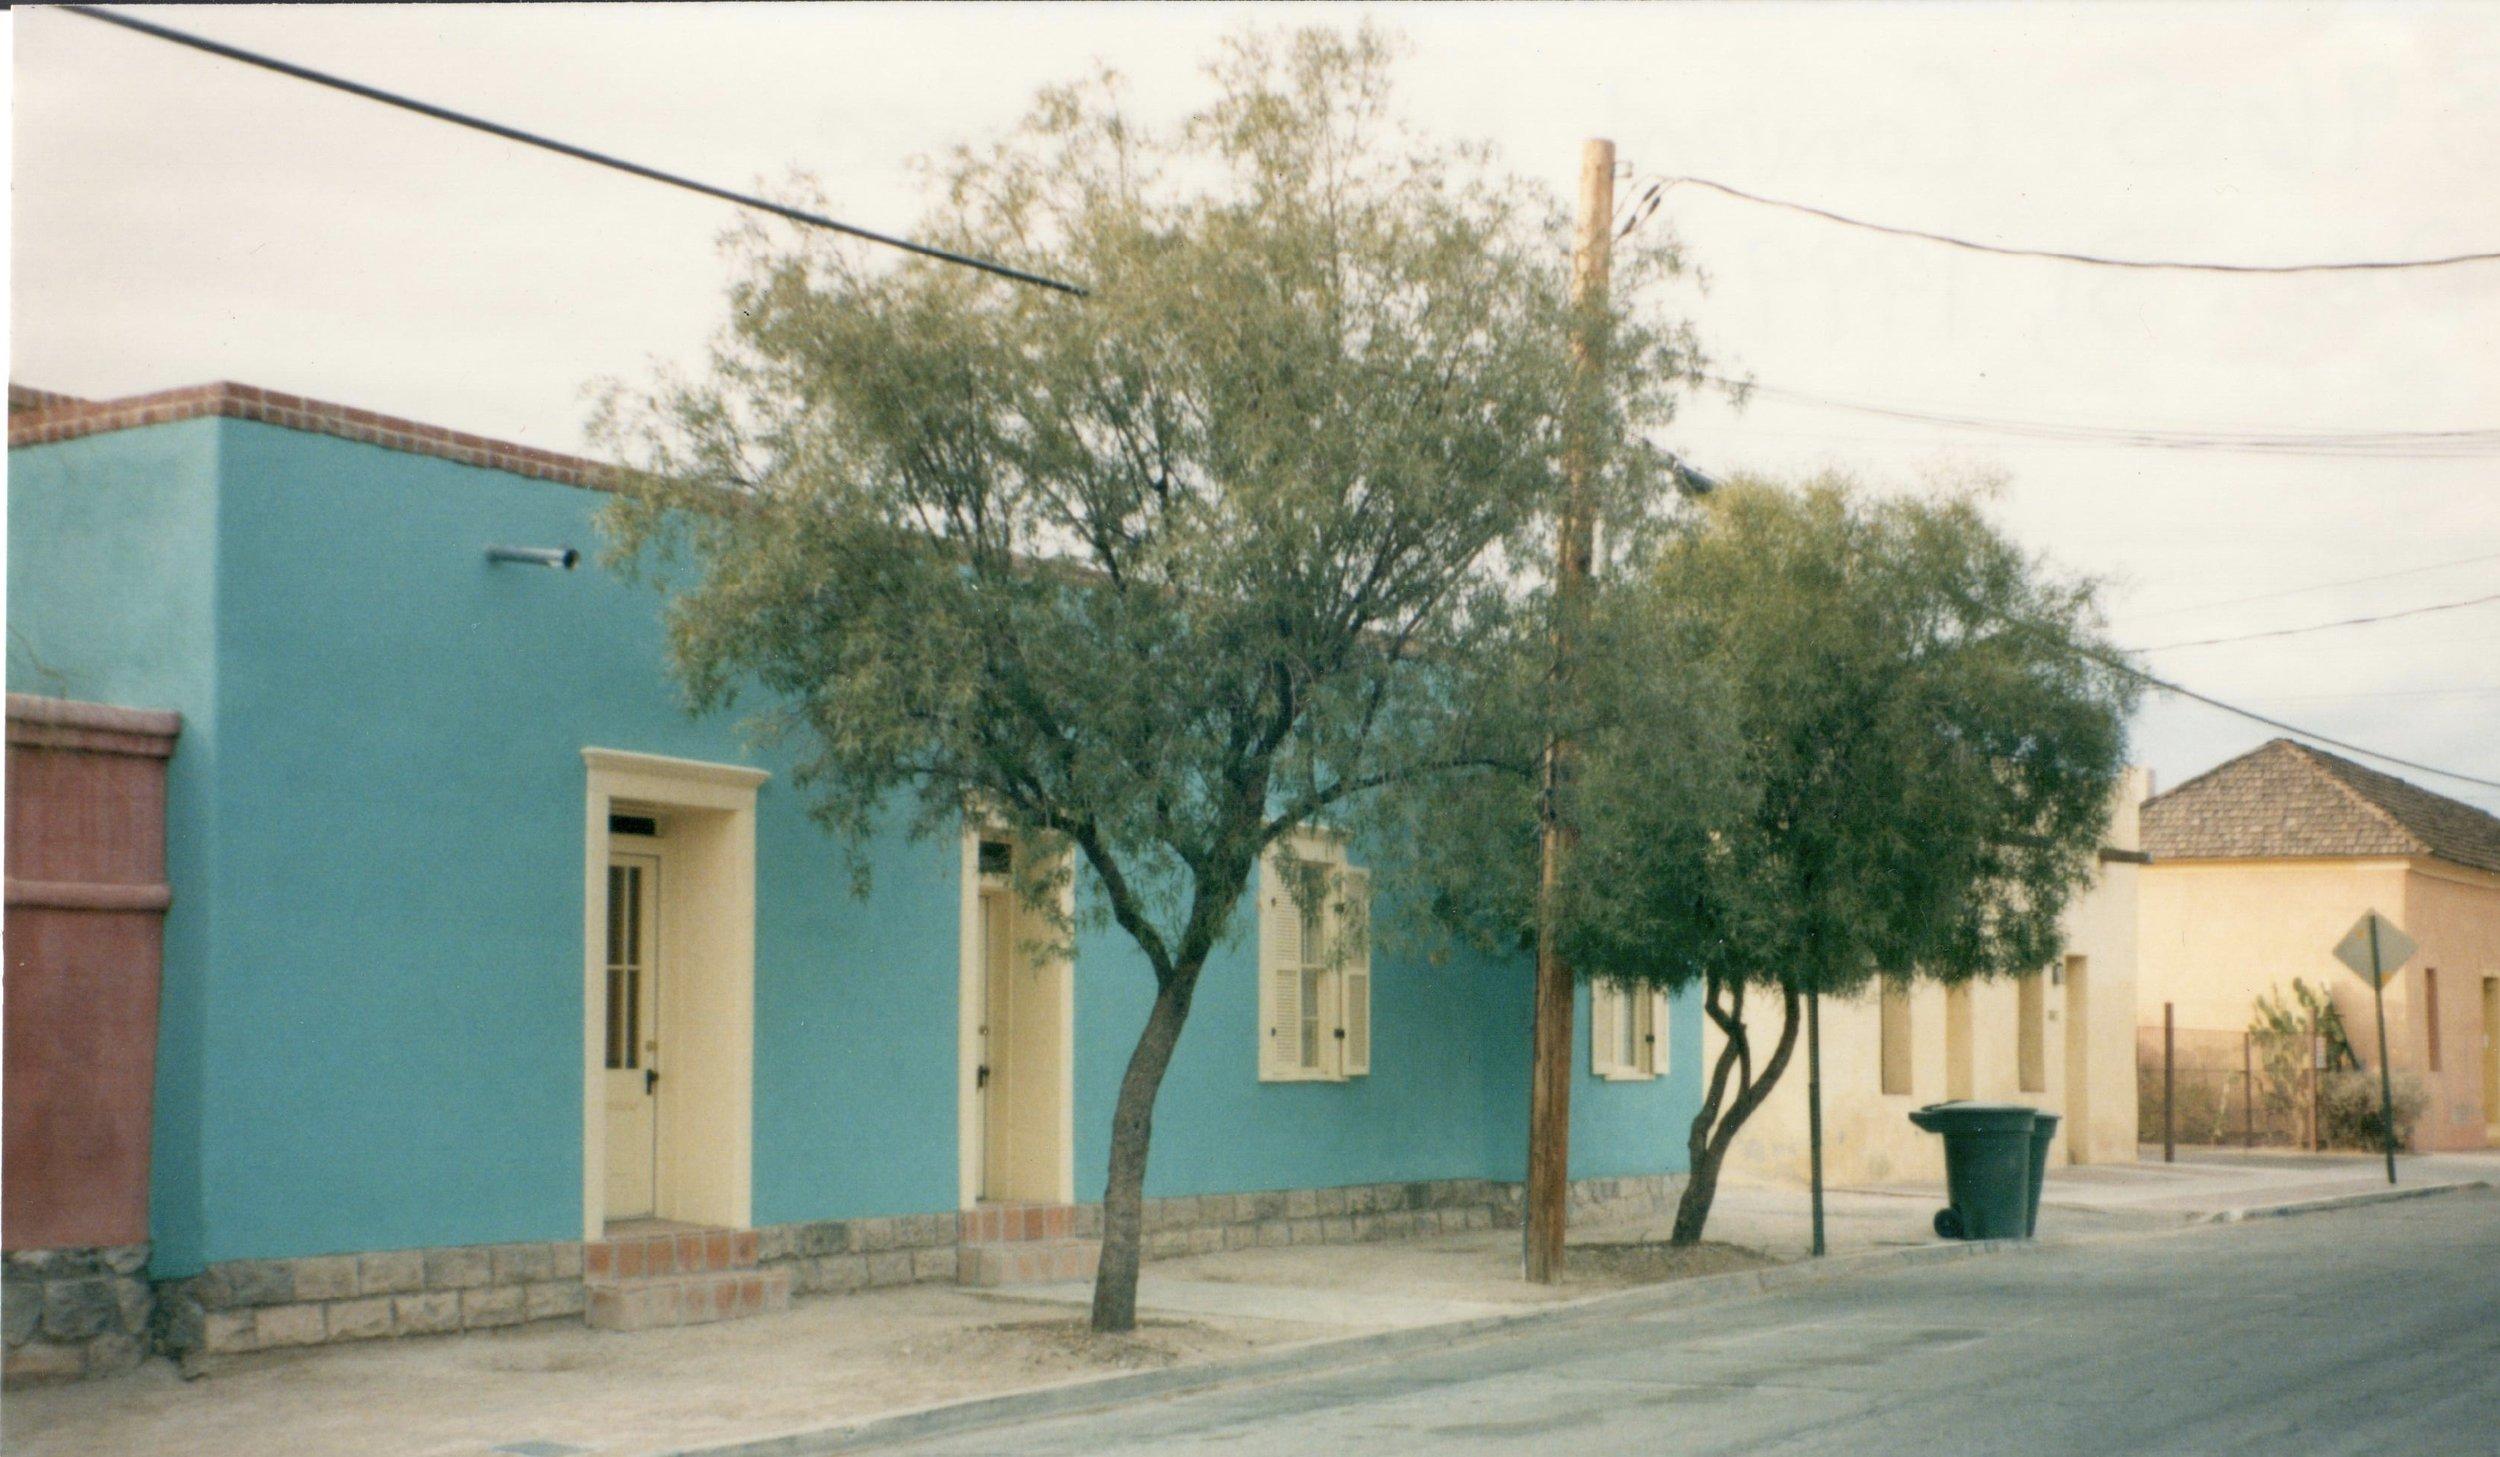 396 S. Convent on Dec. 31, 1999.